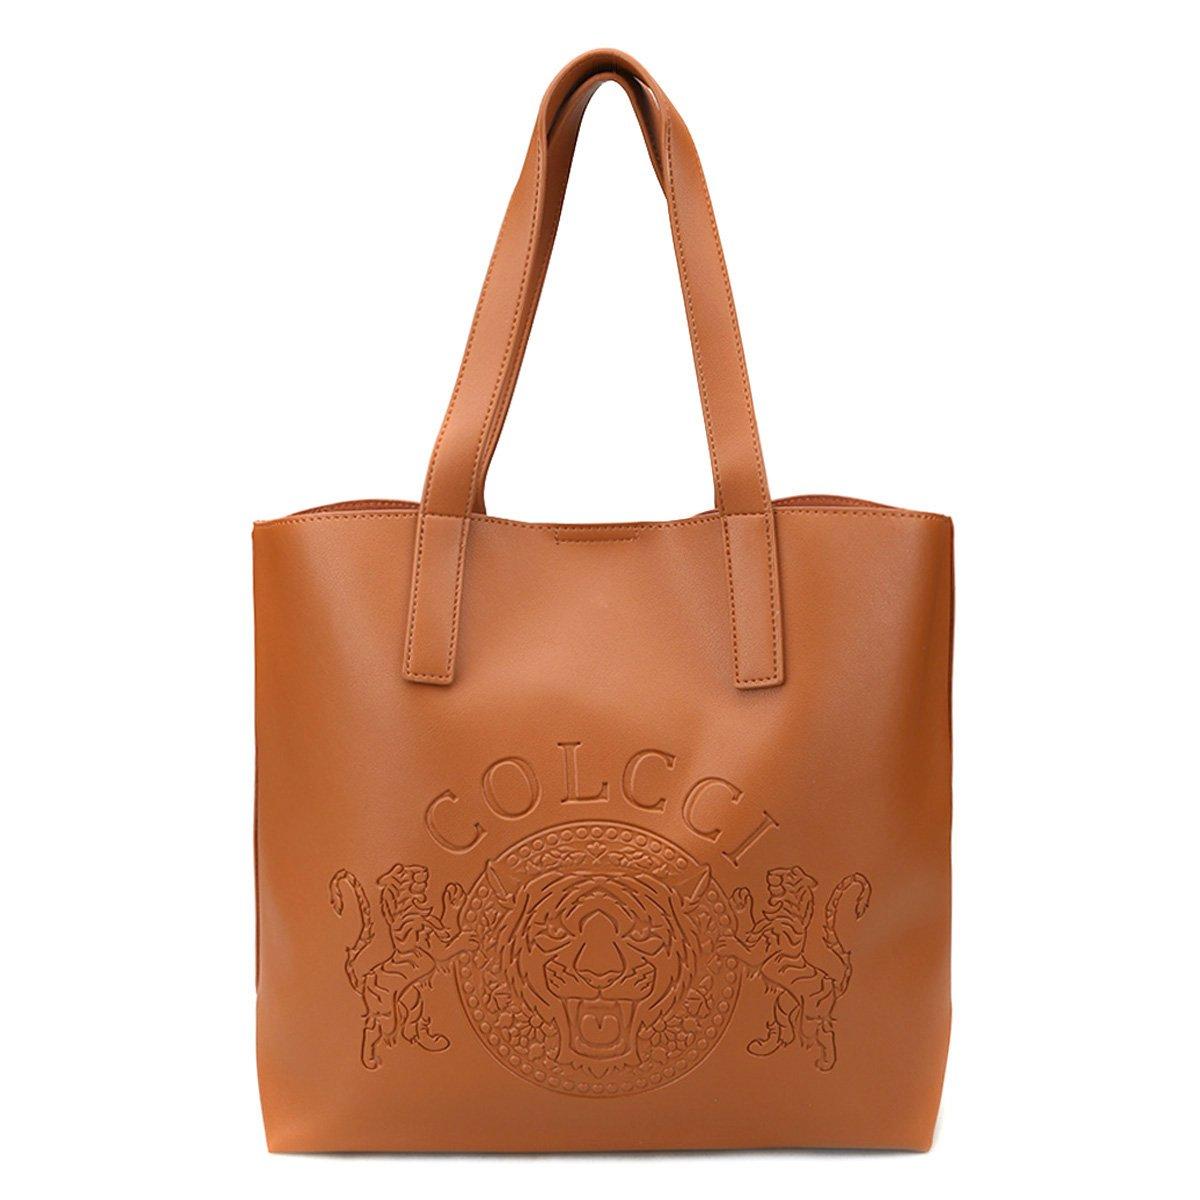 3e75a943688f7 Bolsas Femininas - Compre Bolsas Agora   Zattini